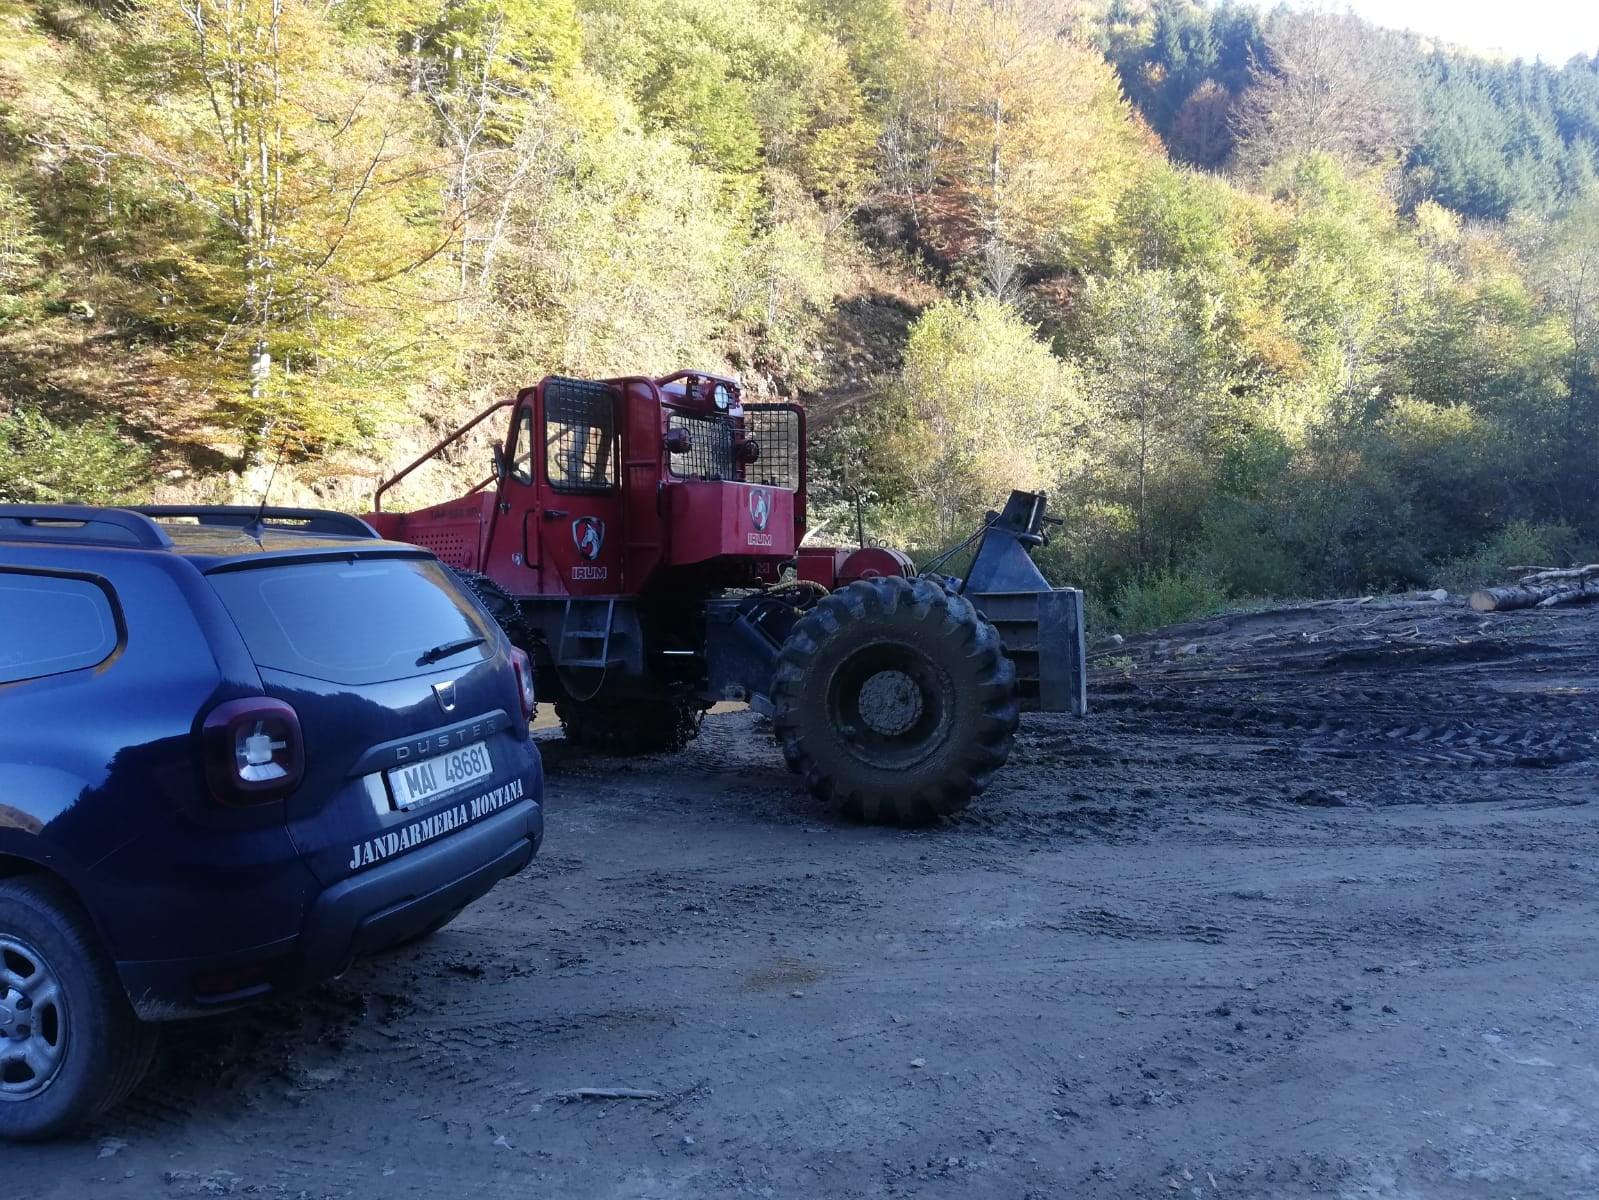 Sancţiuni pentru transportul buştenilor prin albia minoră a râurilor și pâraielor din zona de munte